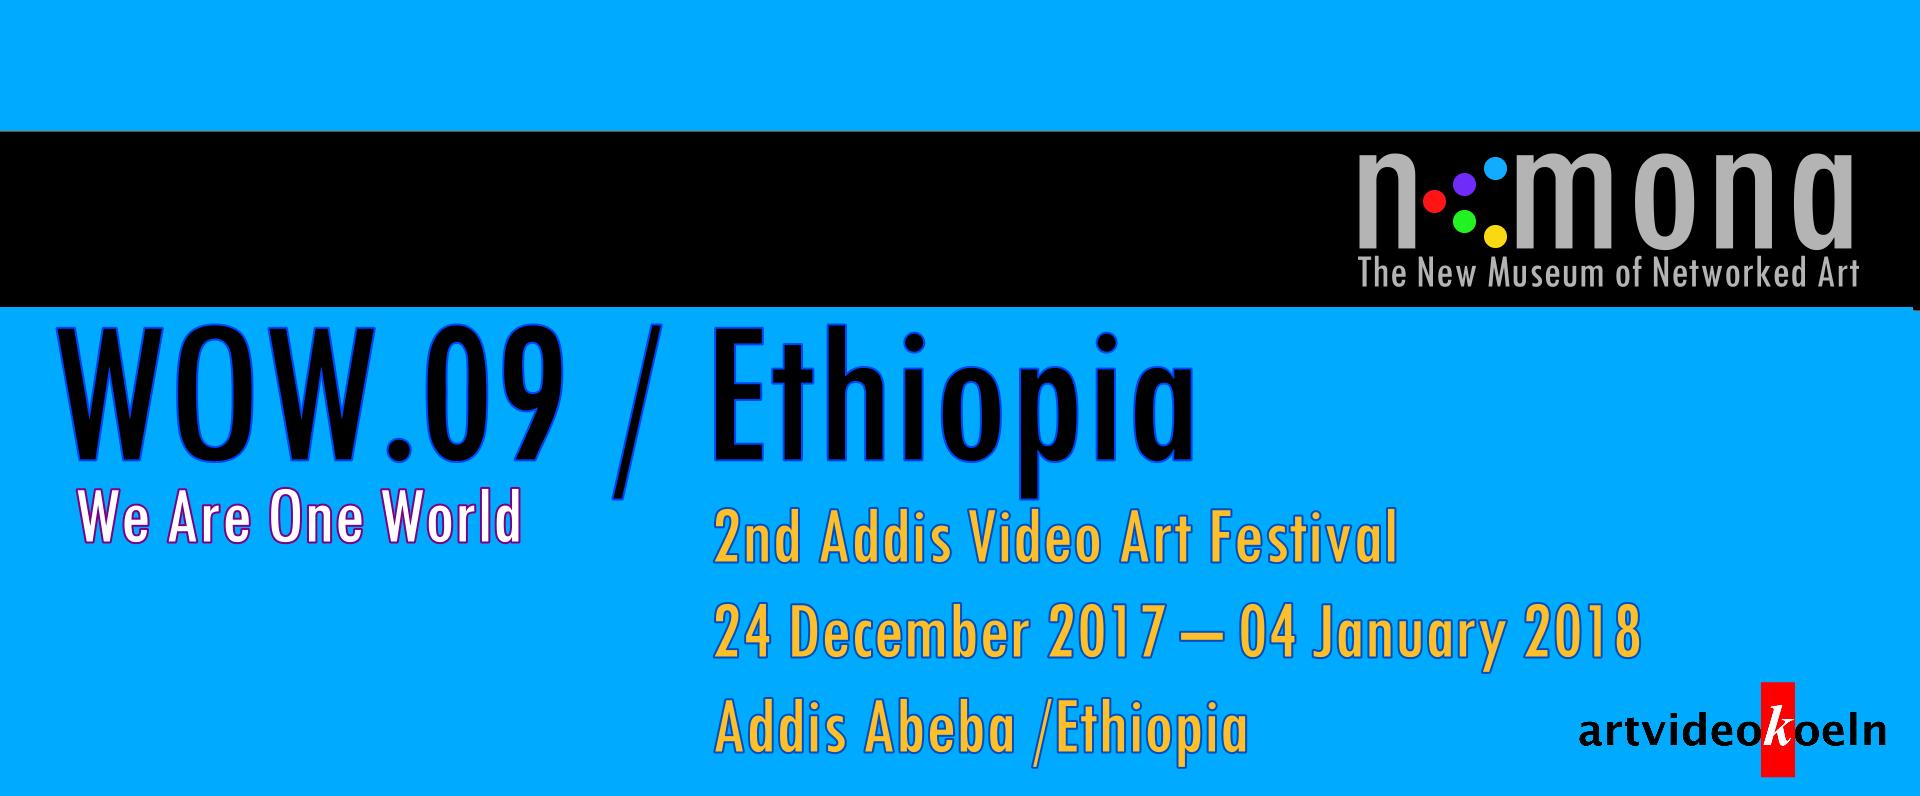 WOW.09 / Ethiopia